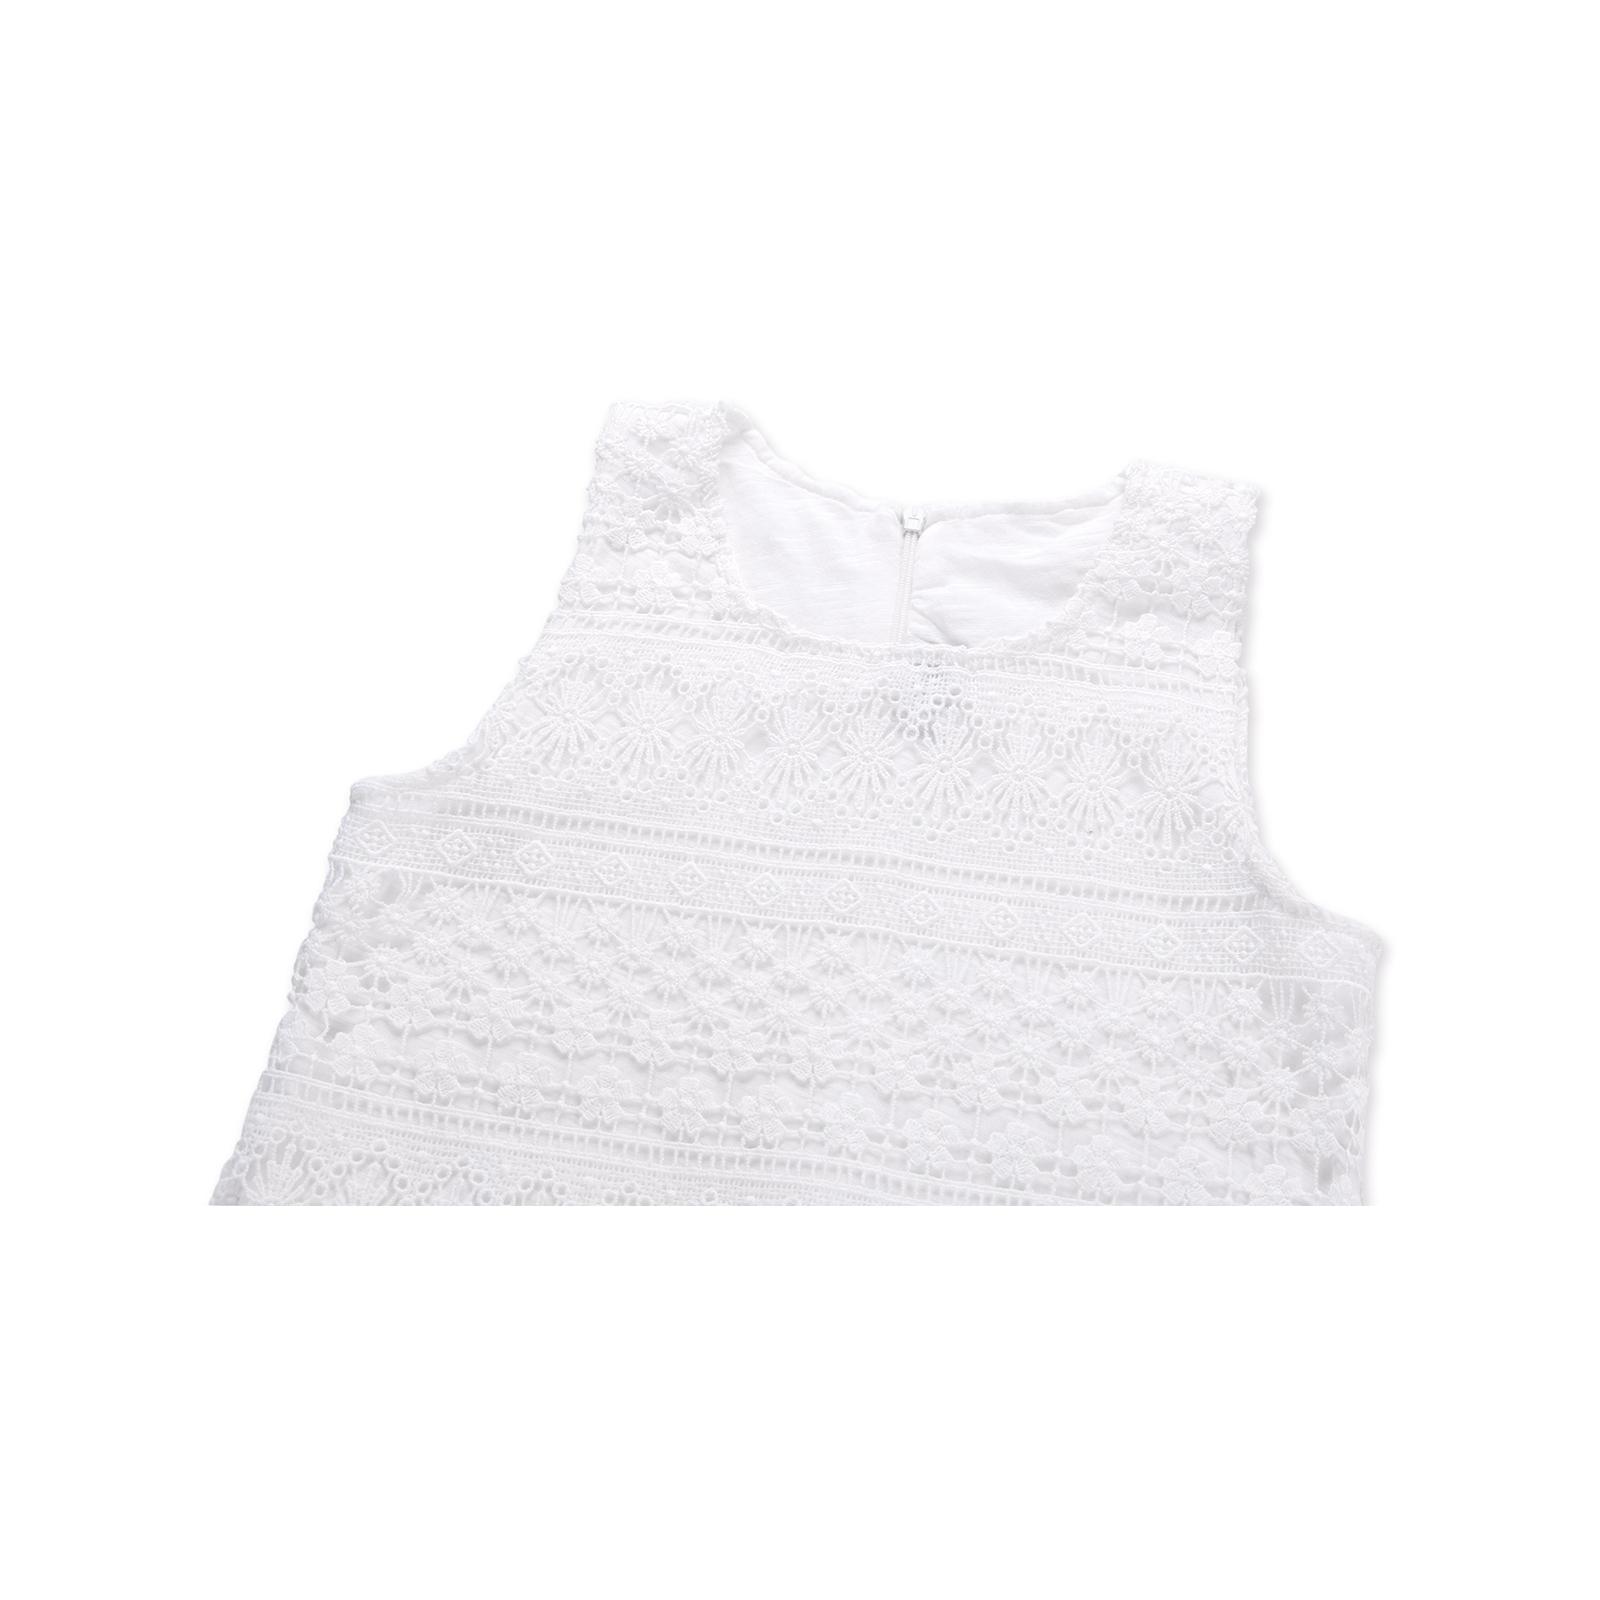 Платье Breeze из кружев (8859-128G-cream) изображение 2